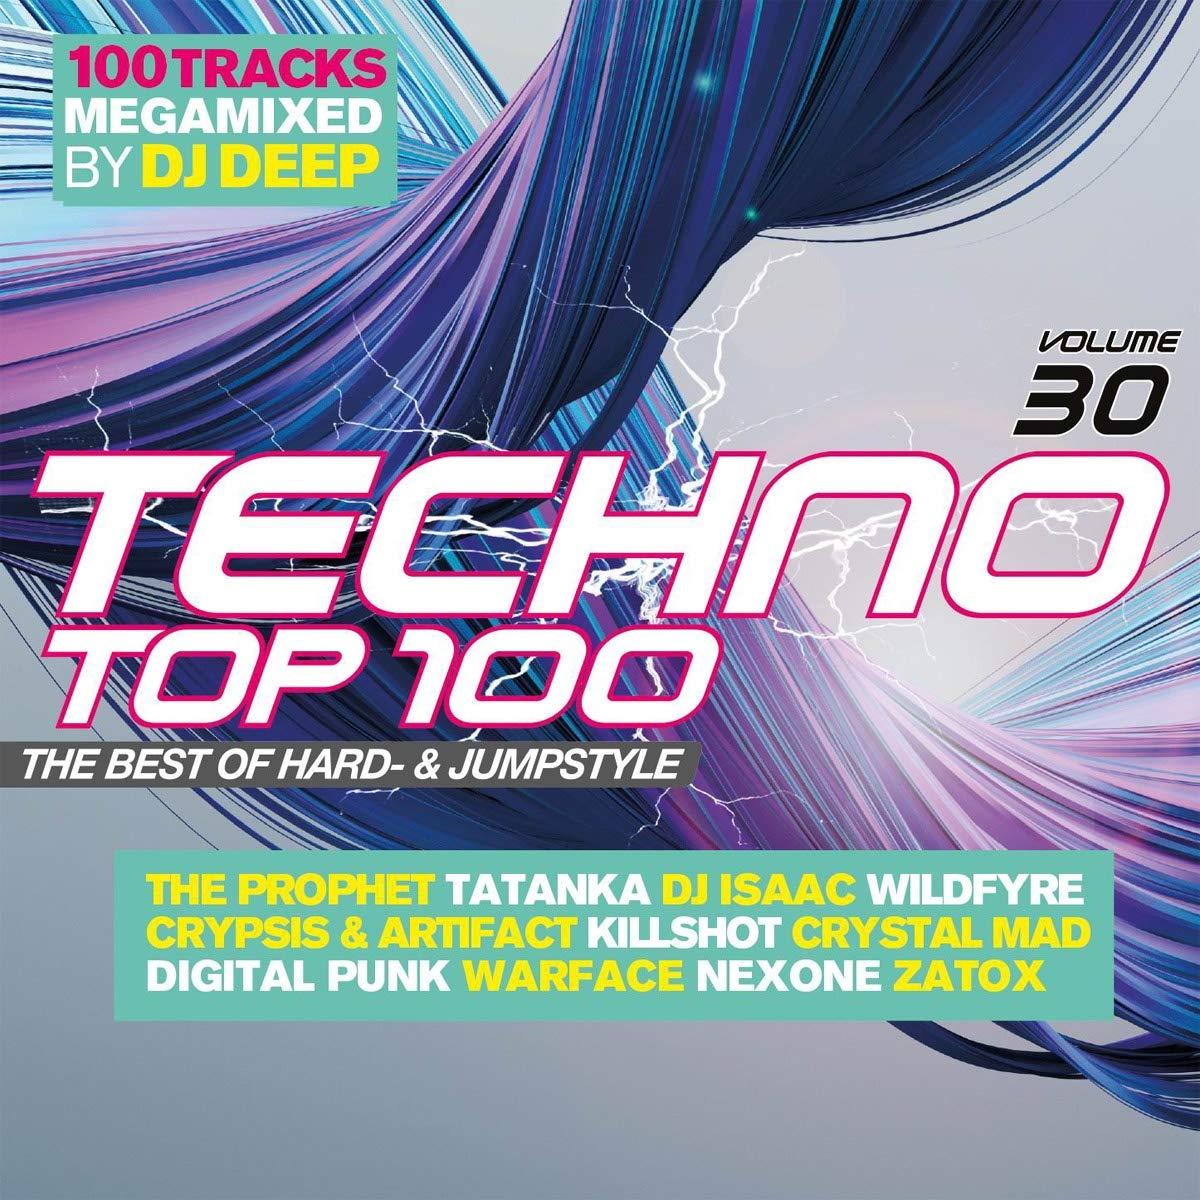 Techno Top 100 30